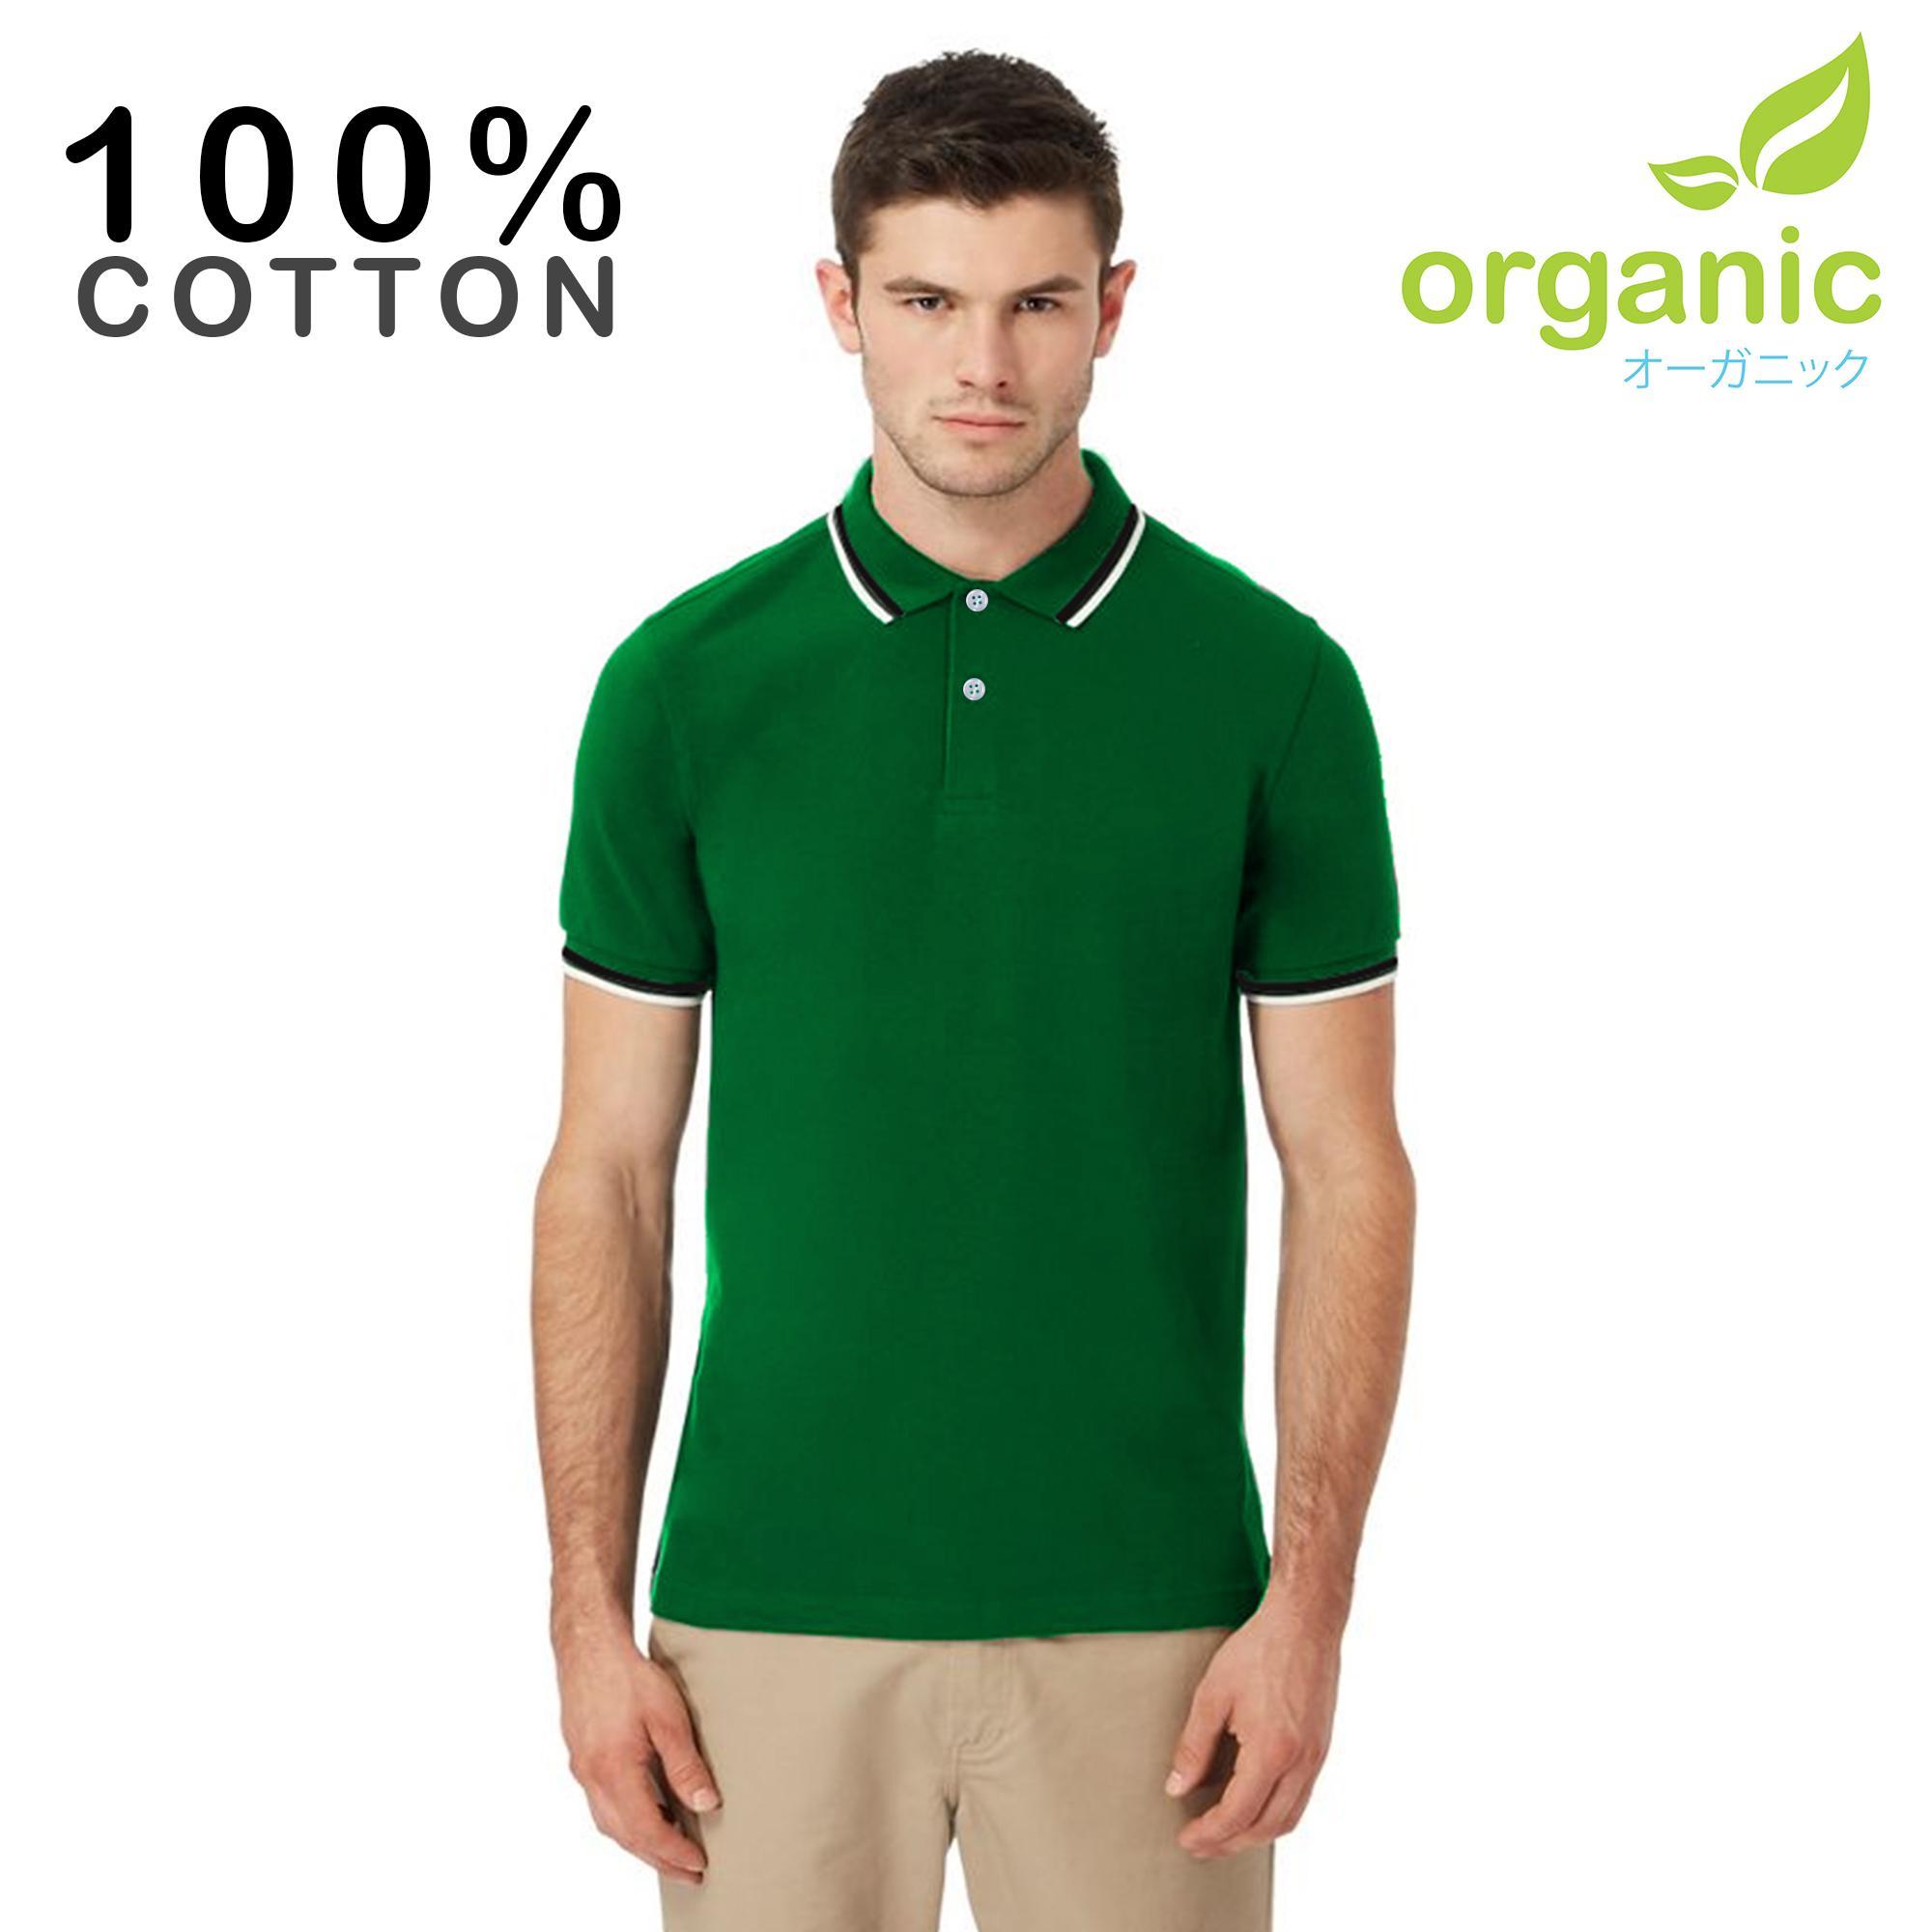 Organic Mens Tipped Pique Polo Shirt Tees t shirt tshirt shirts tshirts tee  tops top for